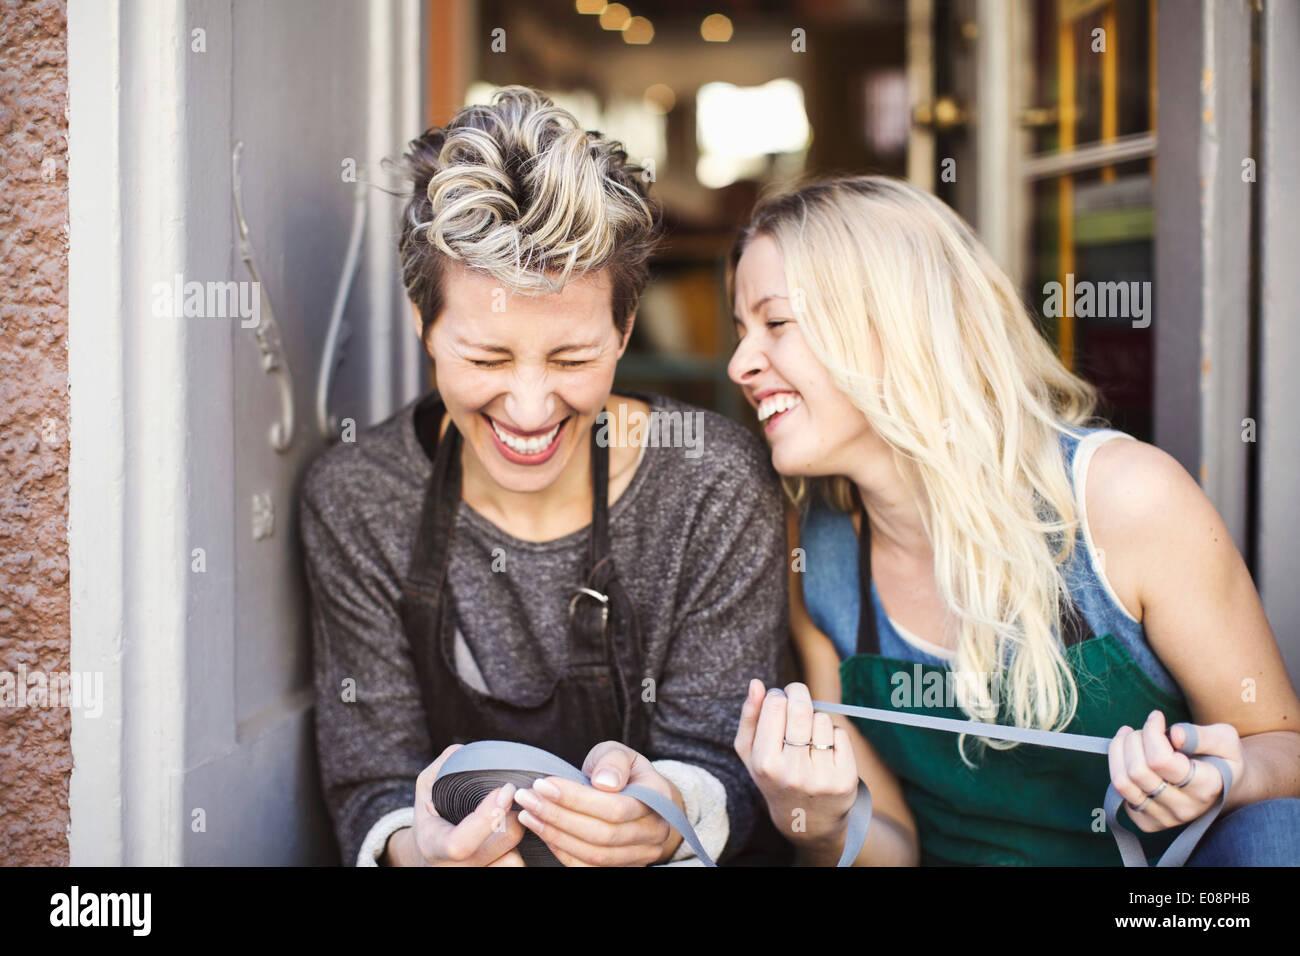 Heureux créateurs de mode avec tiroir ruban assis à la porte de studio Photo Stock